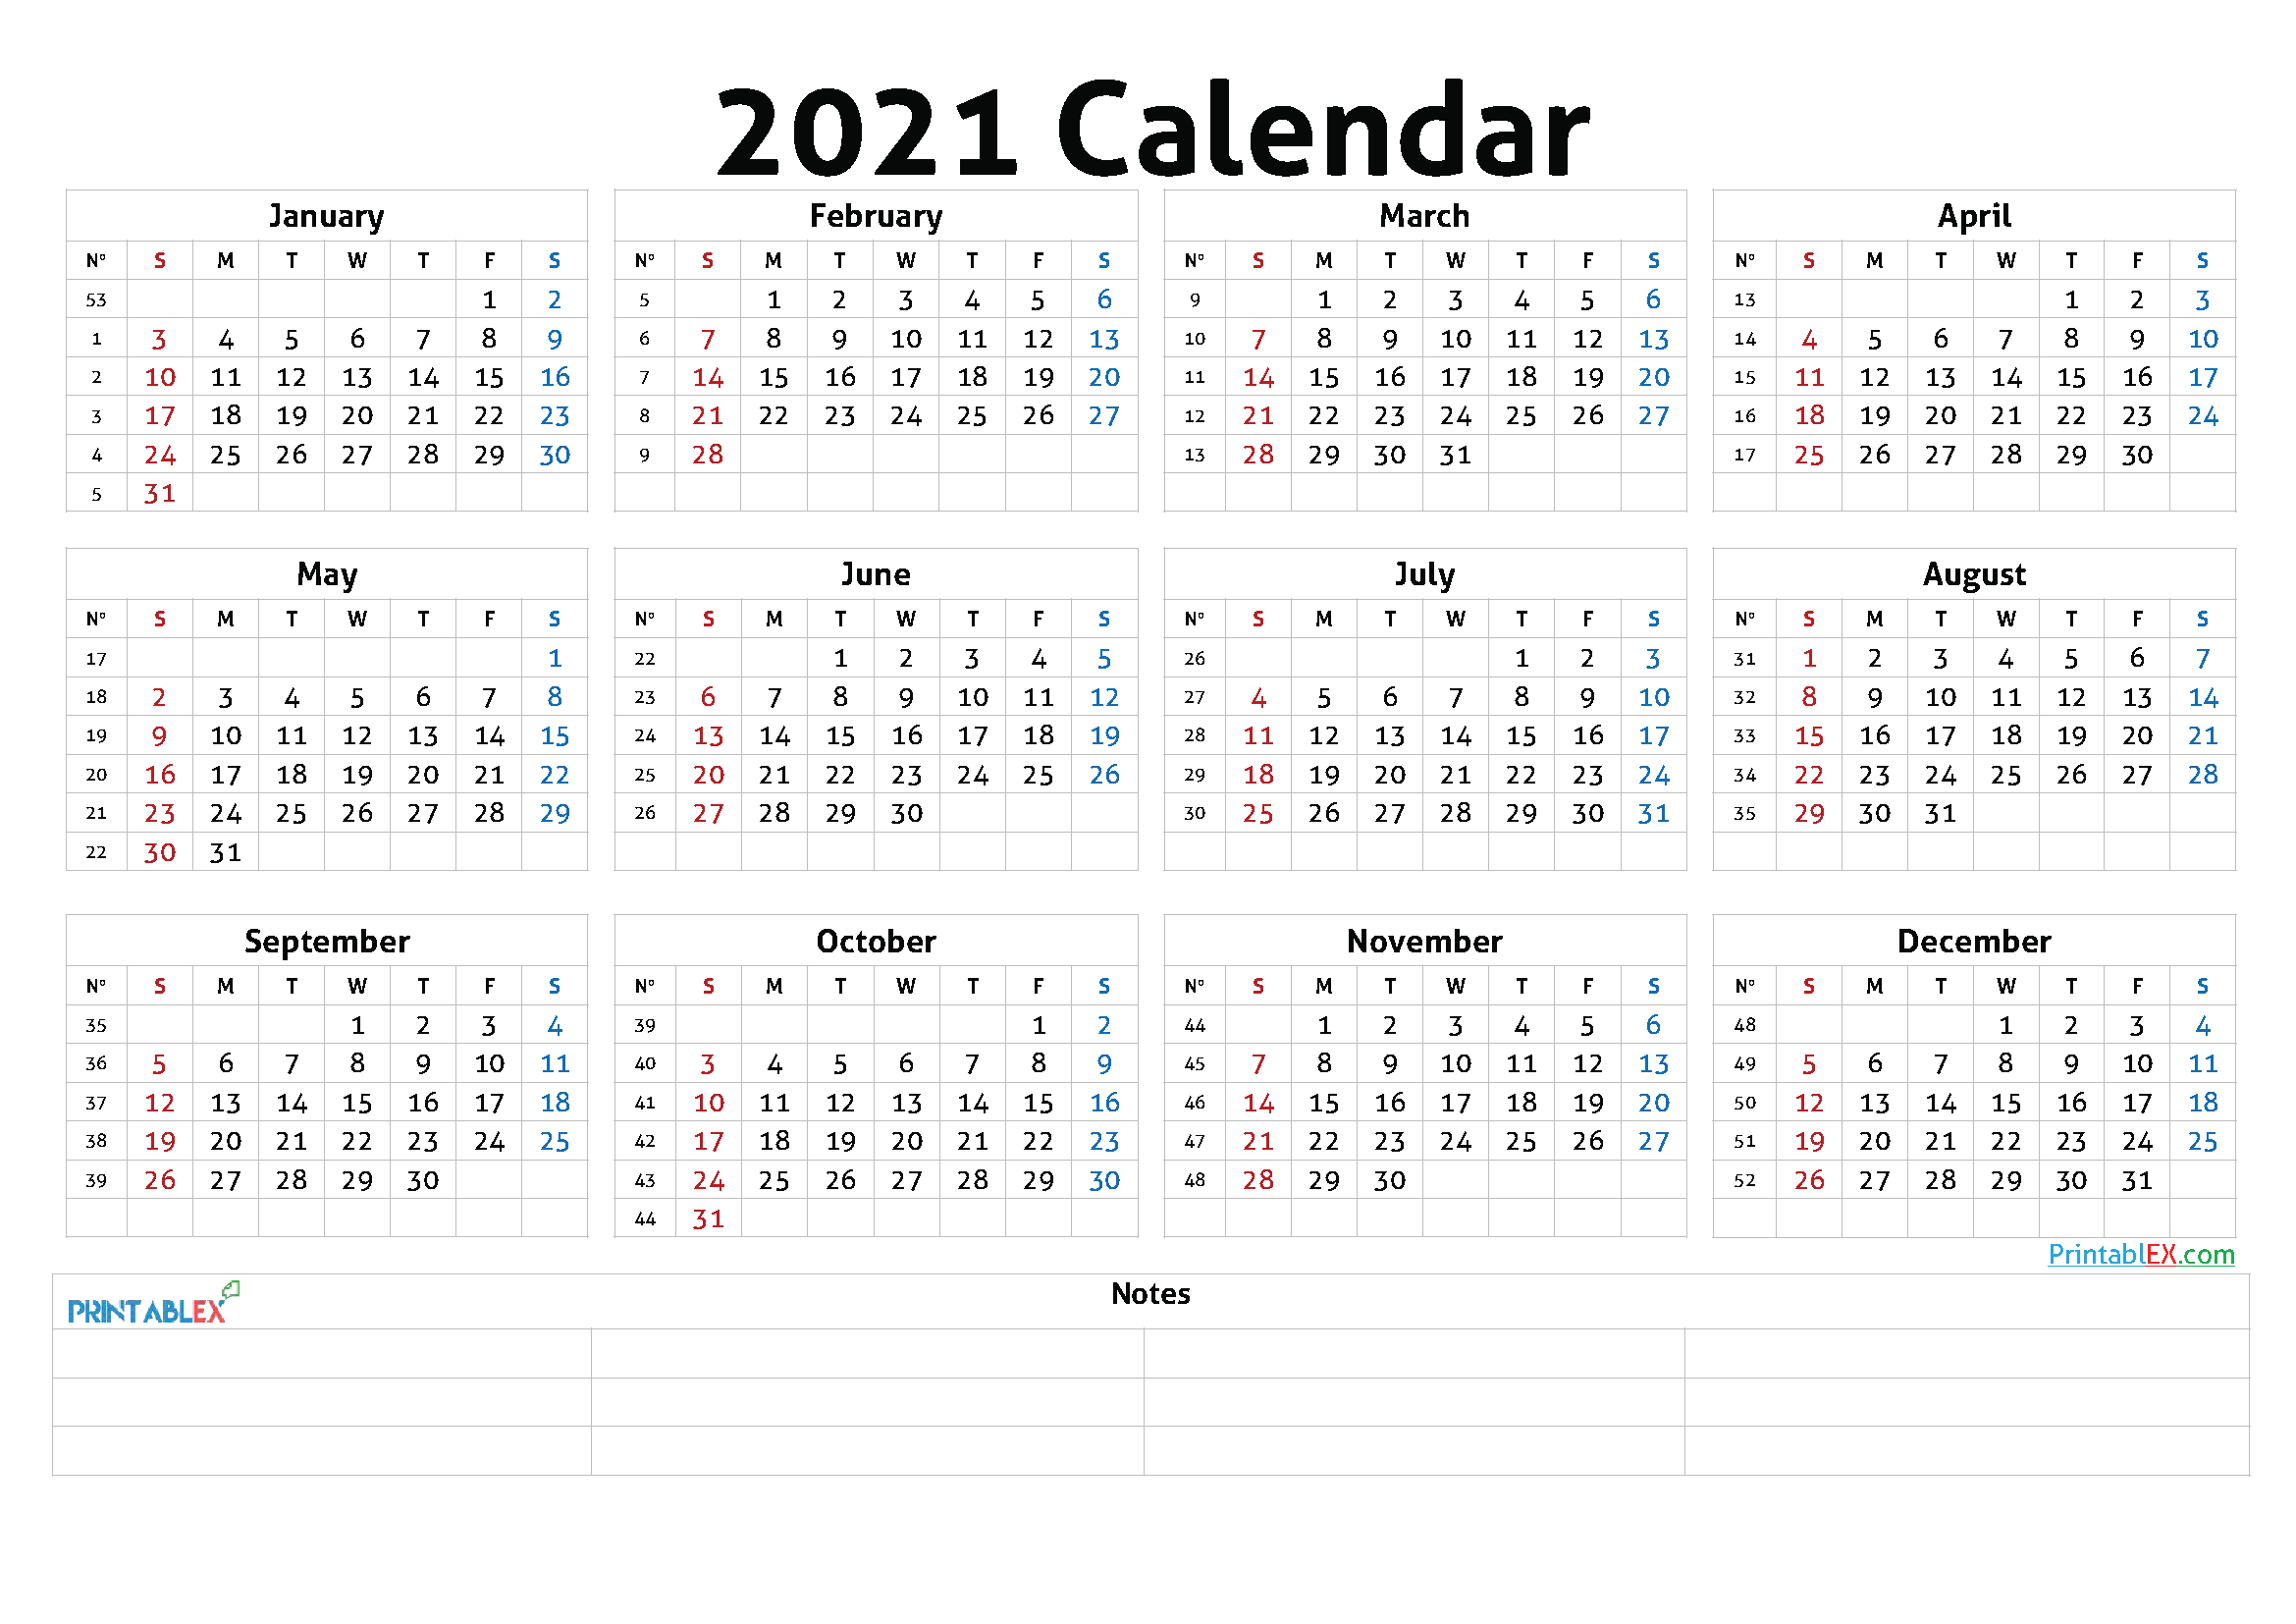 Printable 2021 Calendar by Year